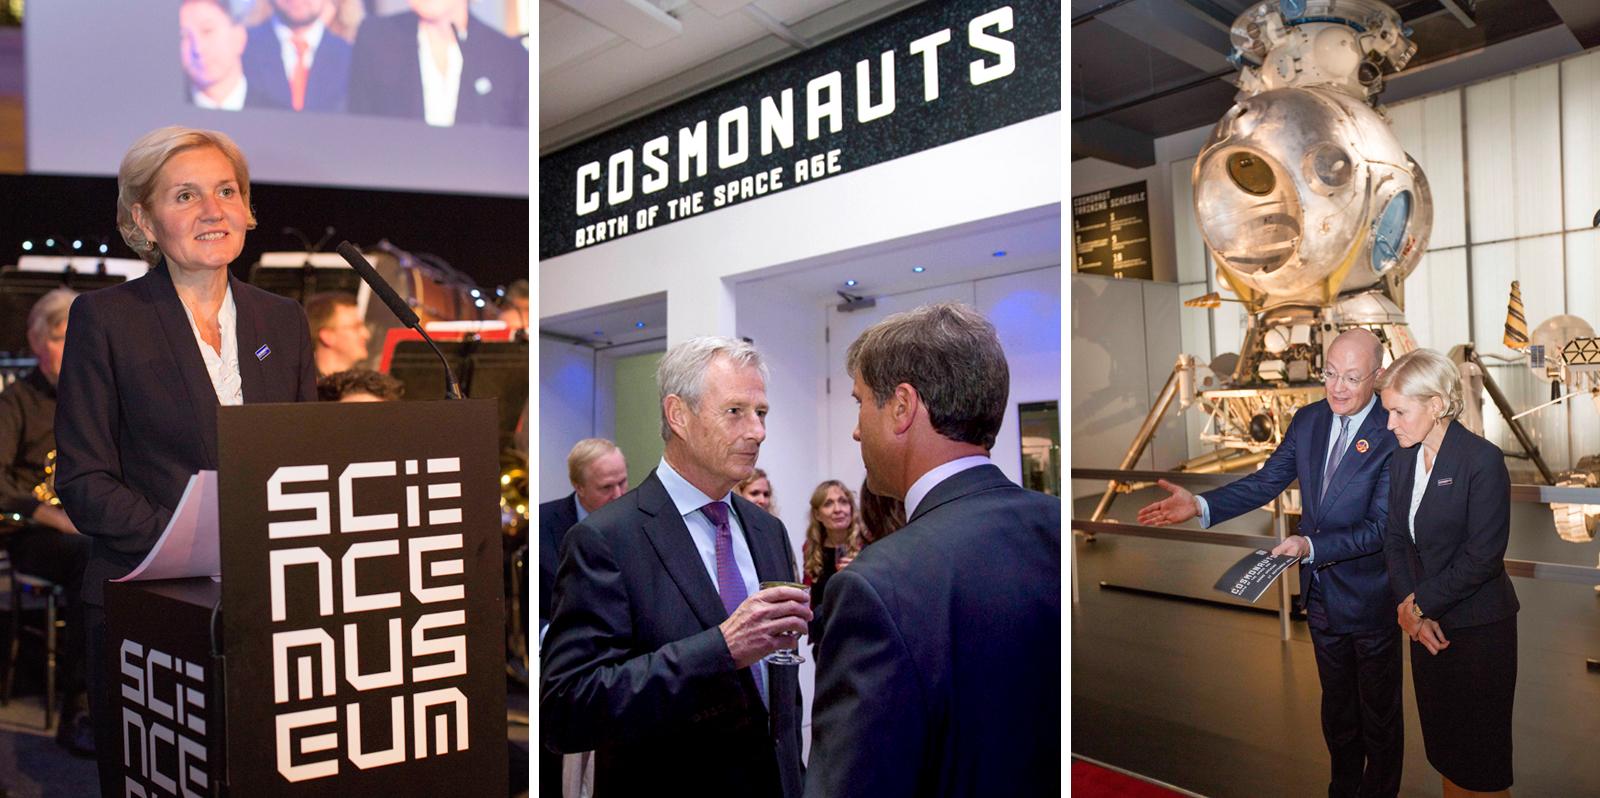 Cosmonauts Event-1